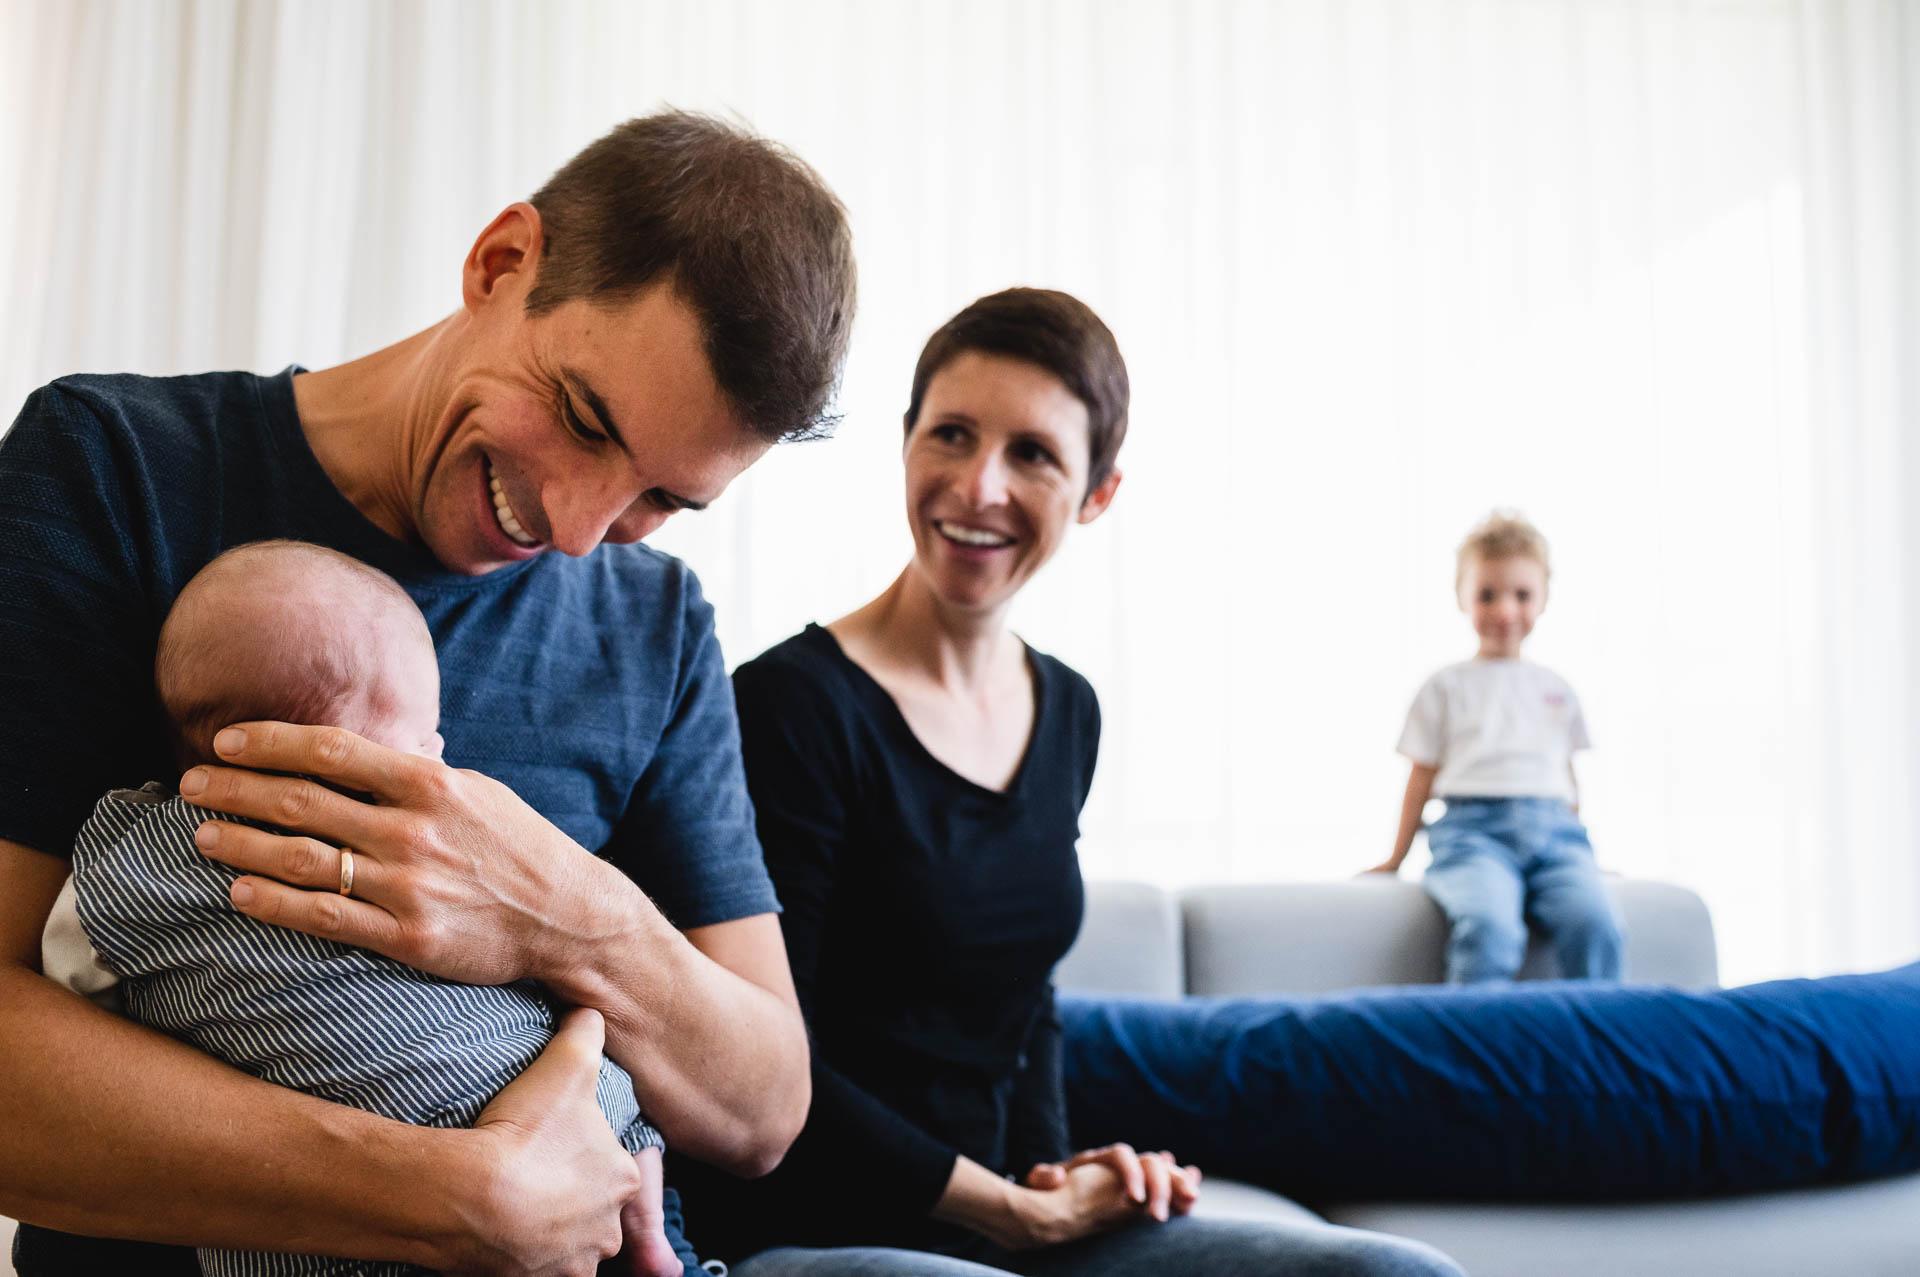 Vater hält sein kleines Baby und lächelt, die Mutter ist im Hintergrund und lächelt ebenfalls, die grössere Tochter sitzt auf der Sofalehne